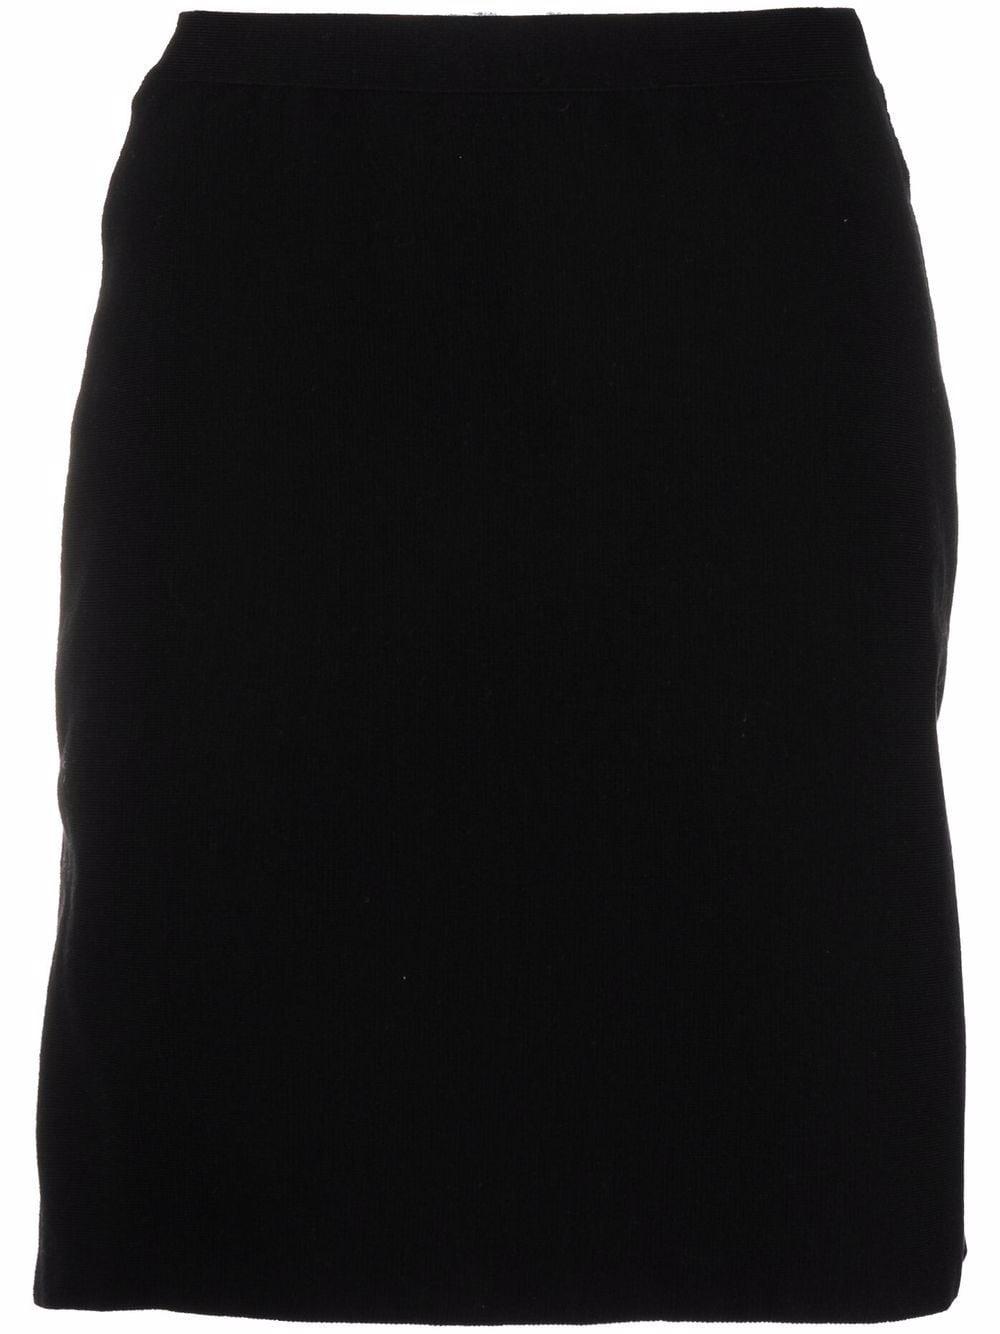 Black wool knitted skirt featuring peplum hem  BOTTEGA VENETA |  | 666516-V12V01000